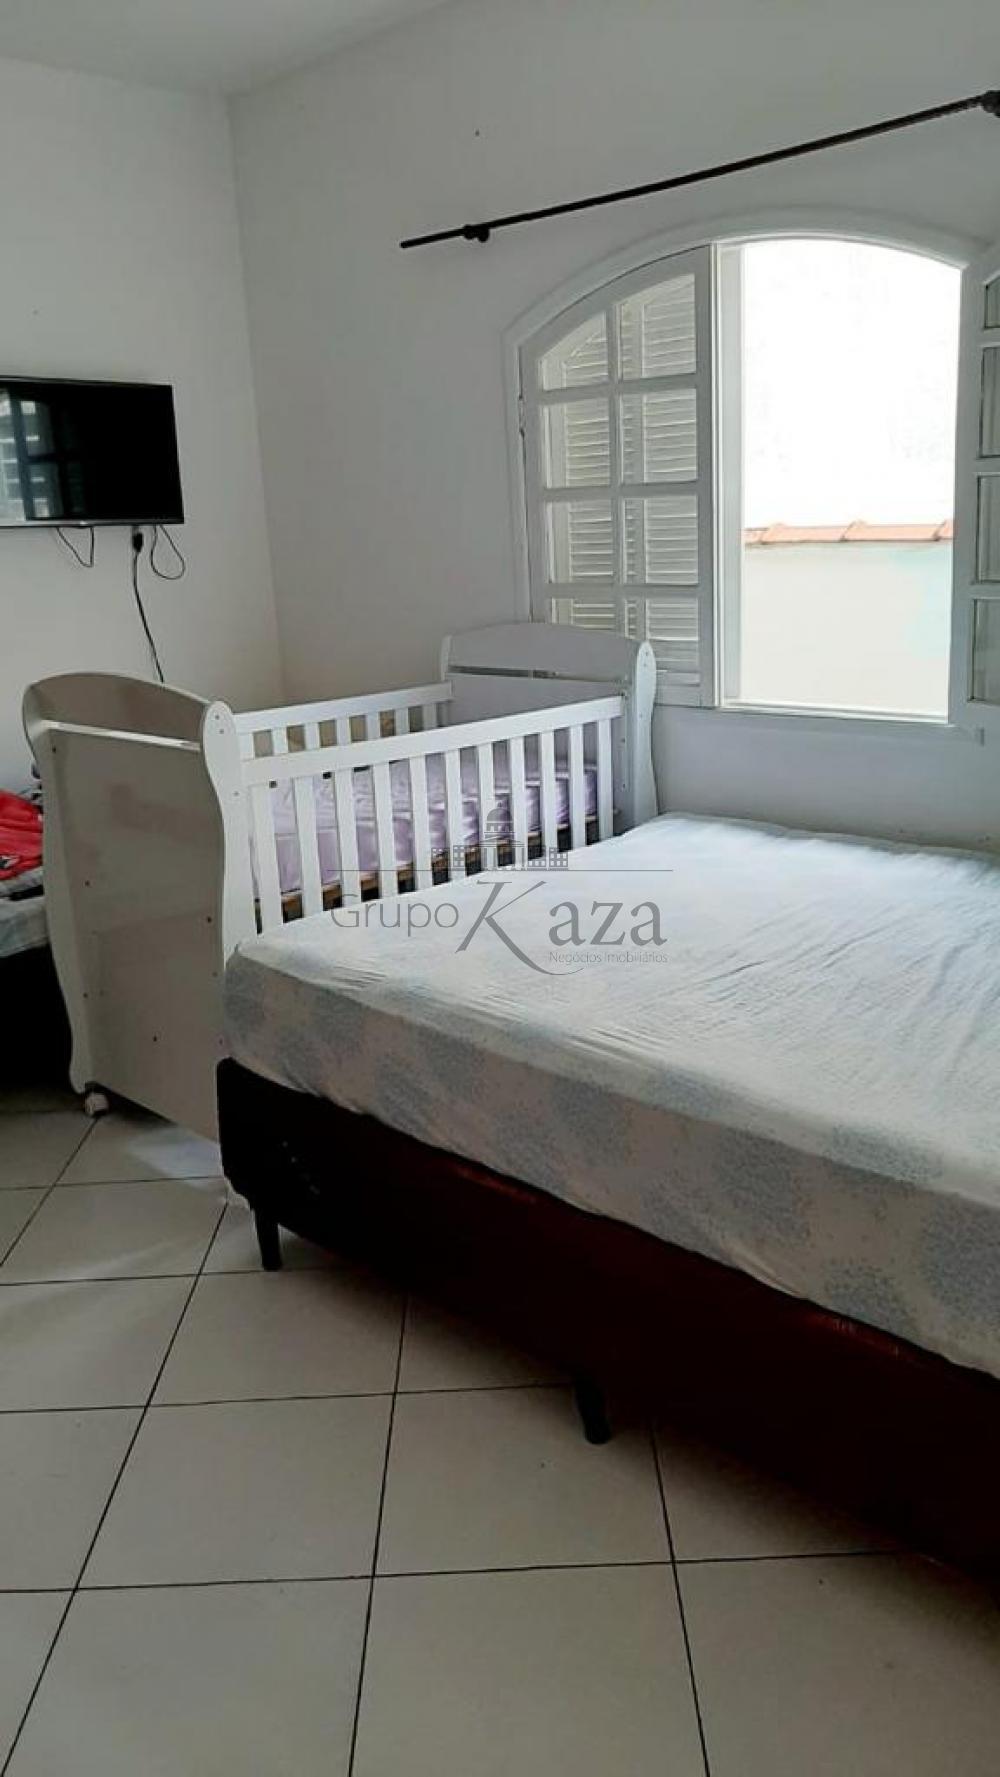 alt='Comprar Casa / Padrão em São José dos Campos R$ 320.000,00 - Foto 12' title='Comprar Casa / Padrão em São José dos Campos R$ 320.000,00 - Foto 12'